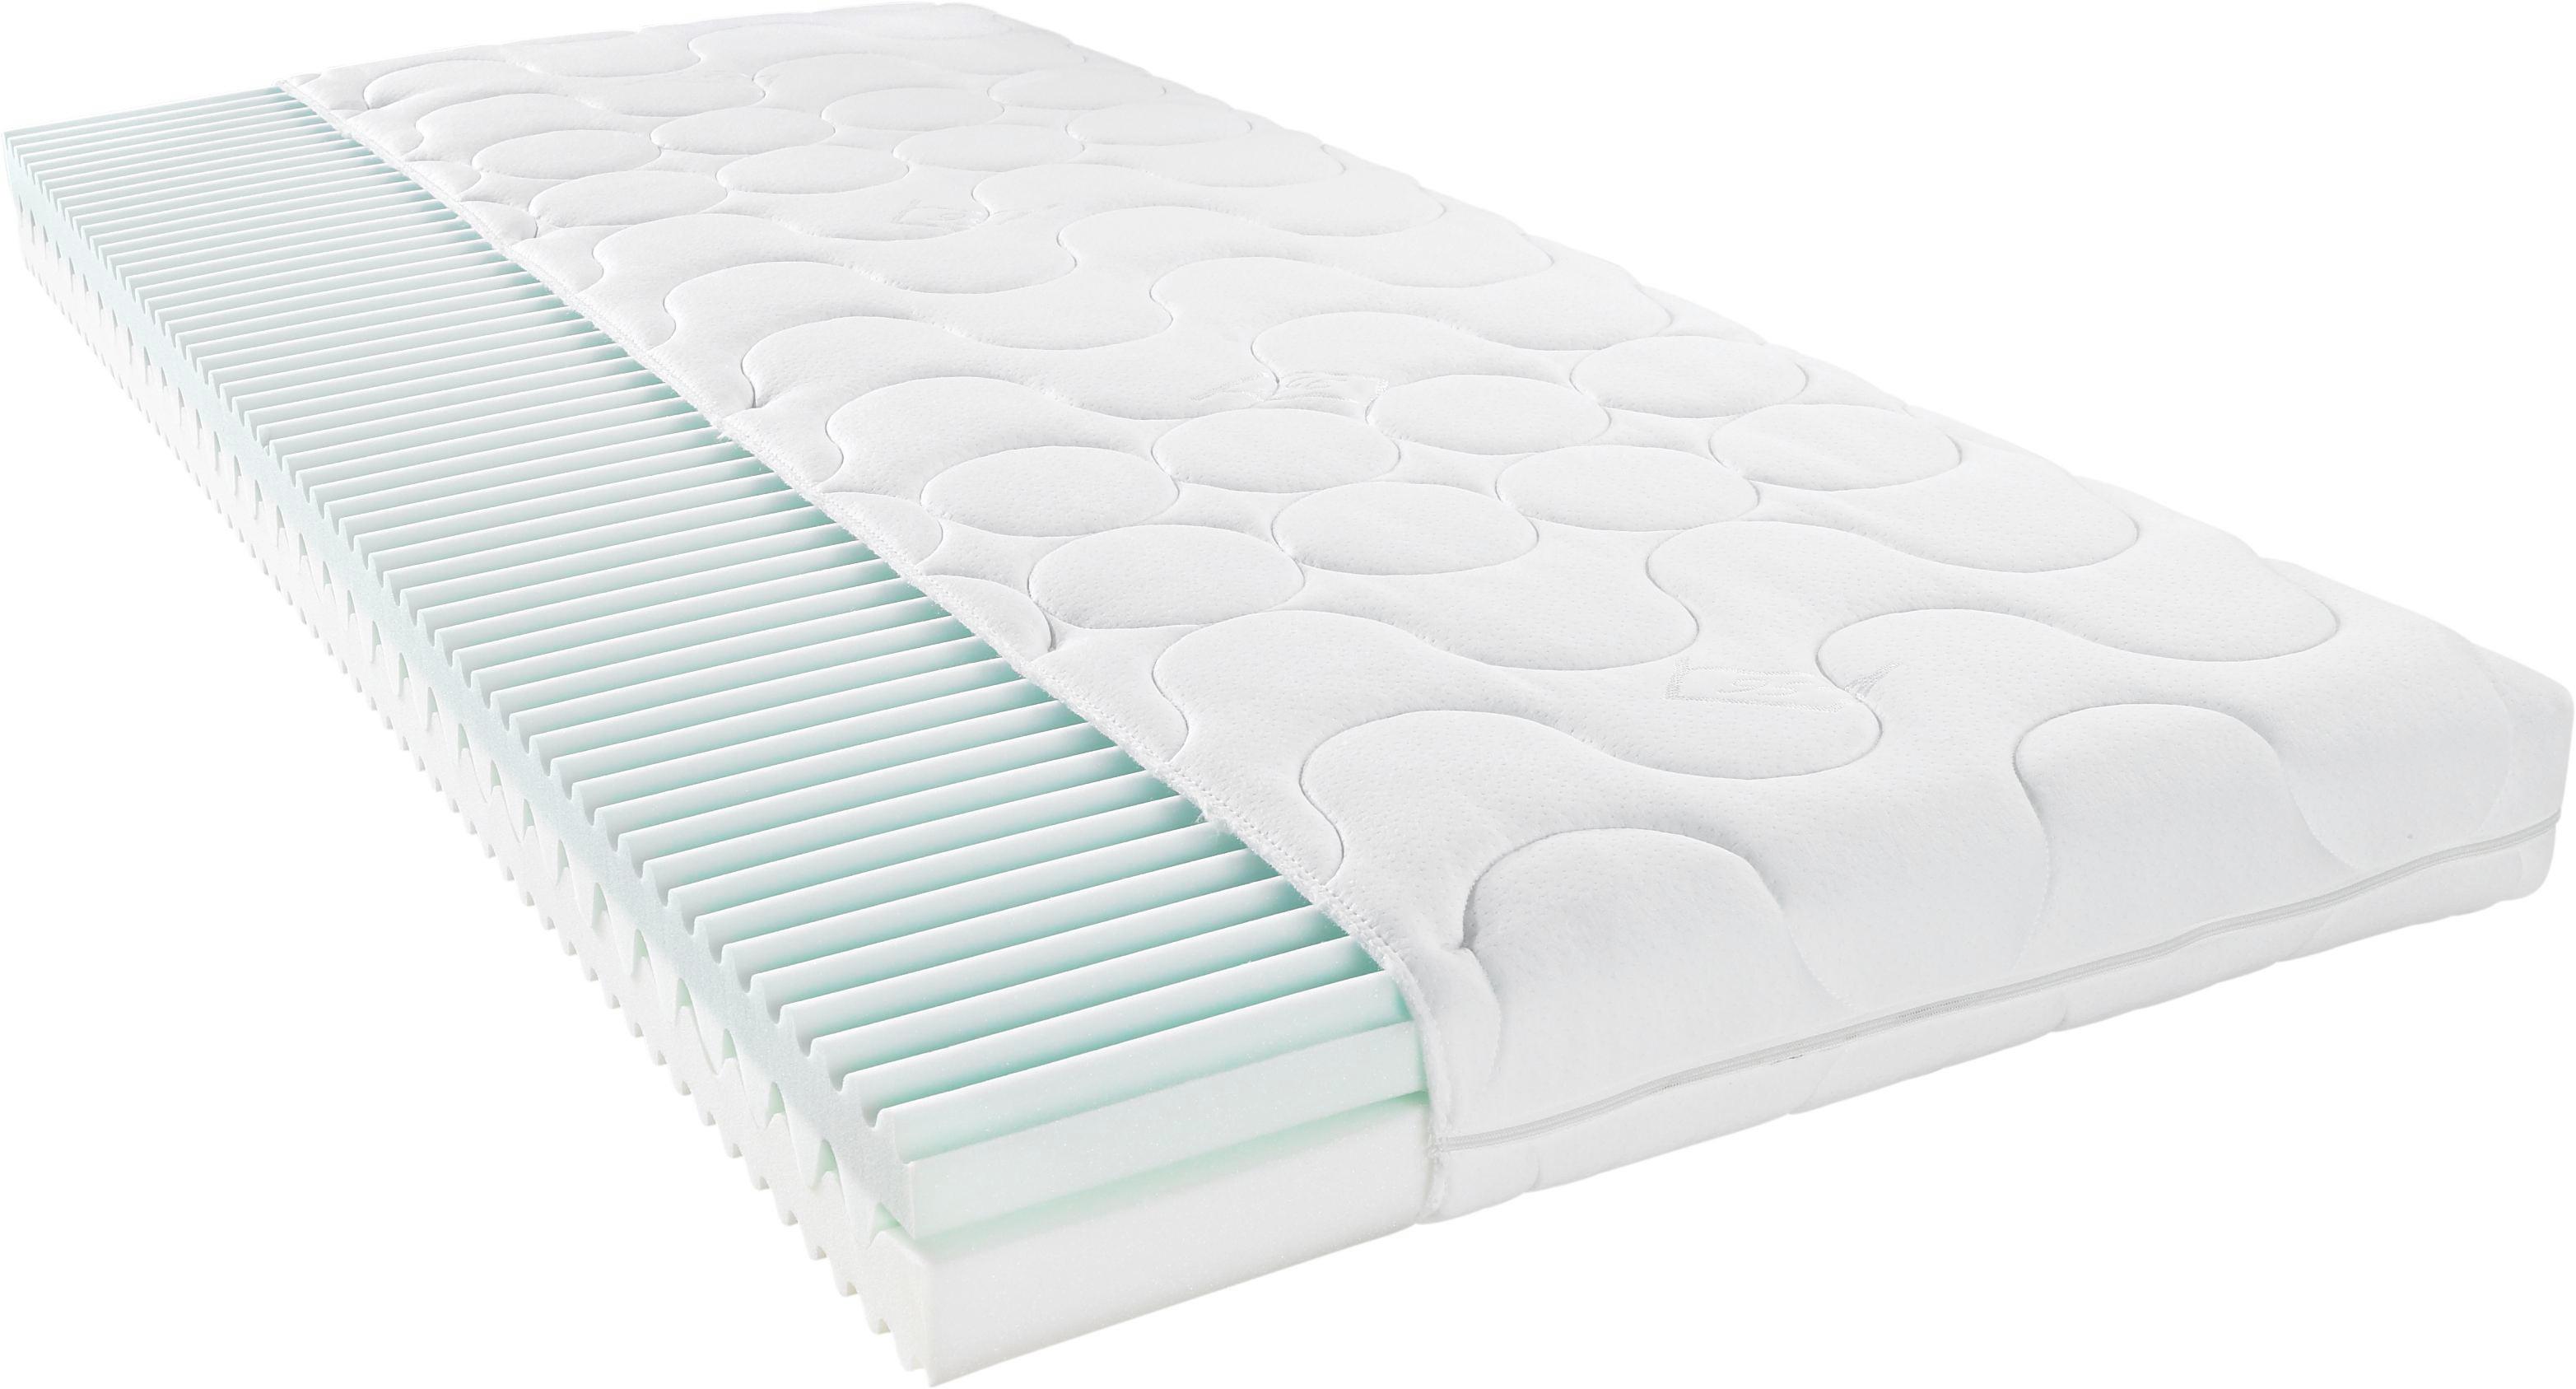 Komfortschaumkern KOMFORTSCHAUMMATRATZE 120/200 cm - Weiß, Basics, Textil (120/200cm) - SLEEPTEX